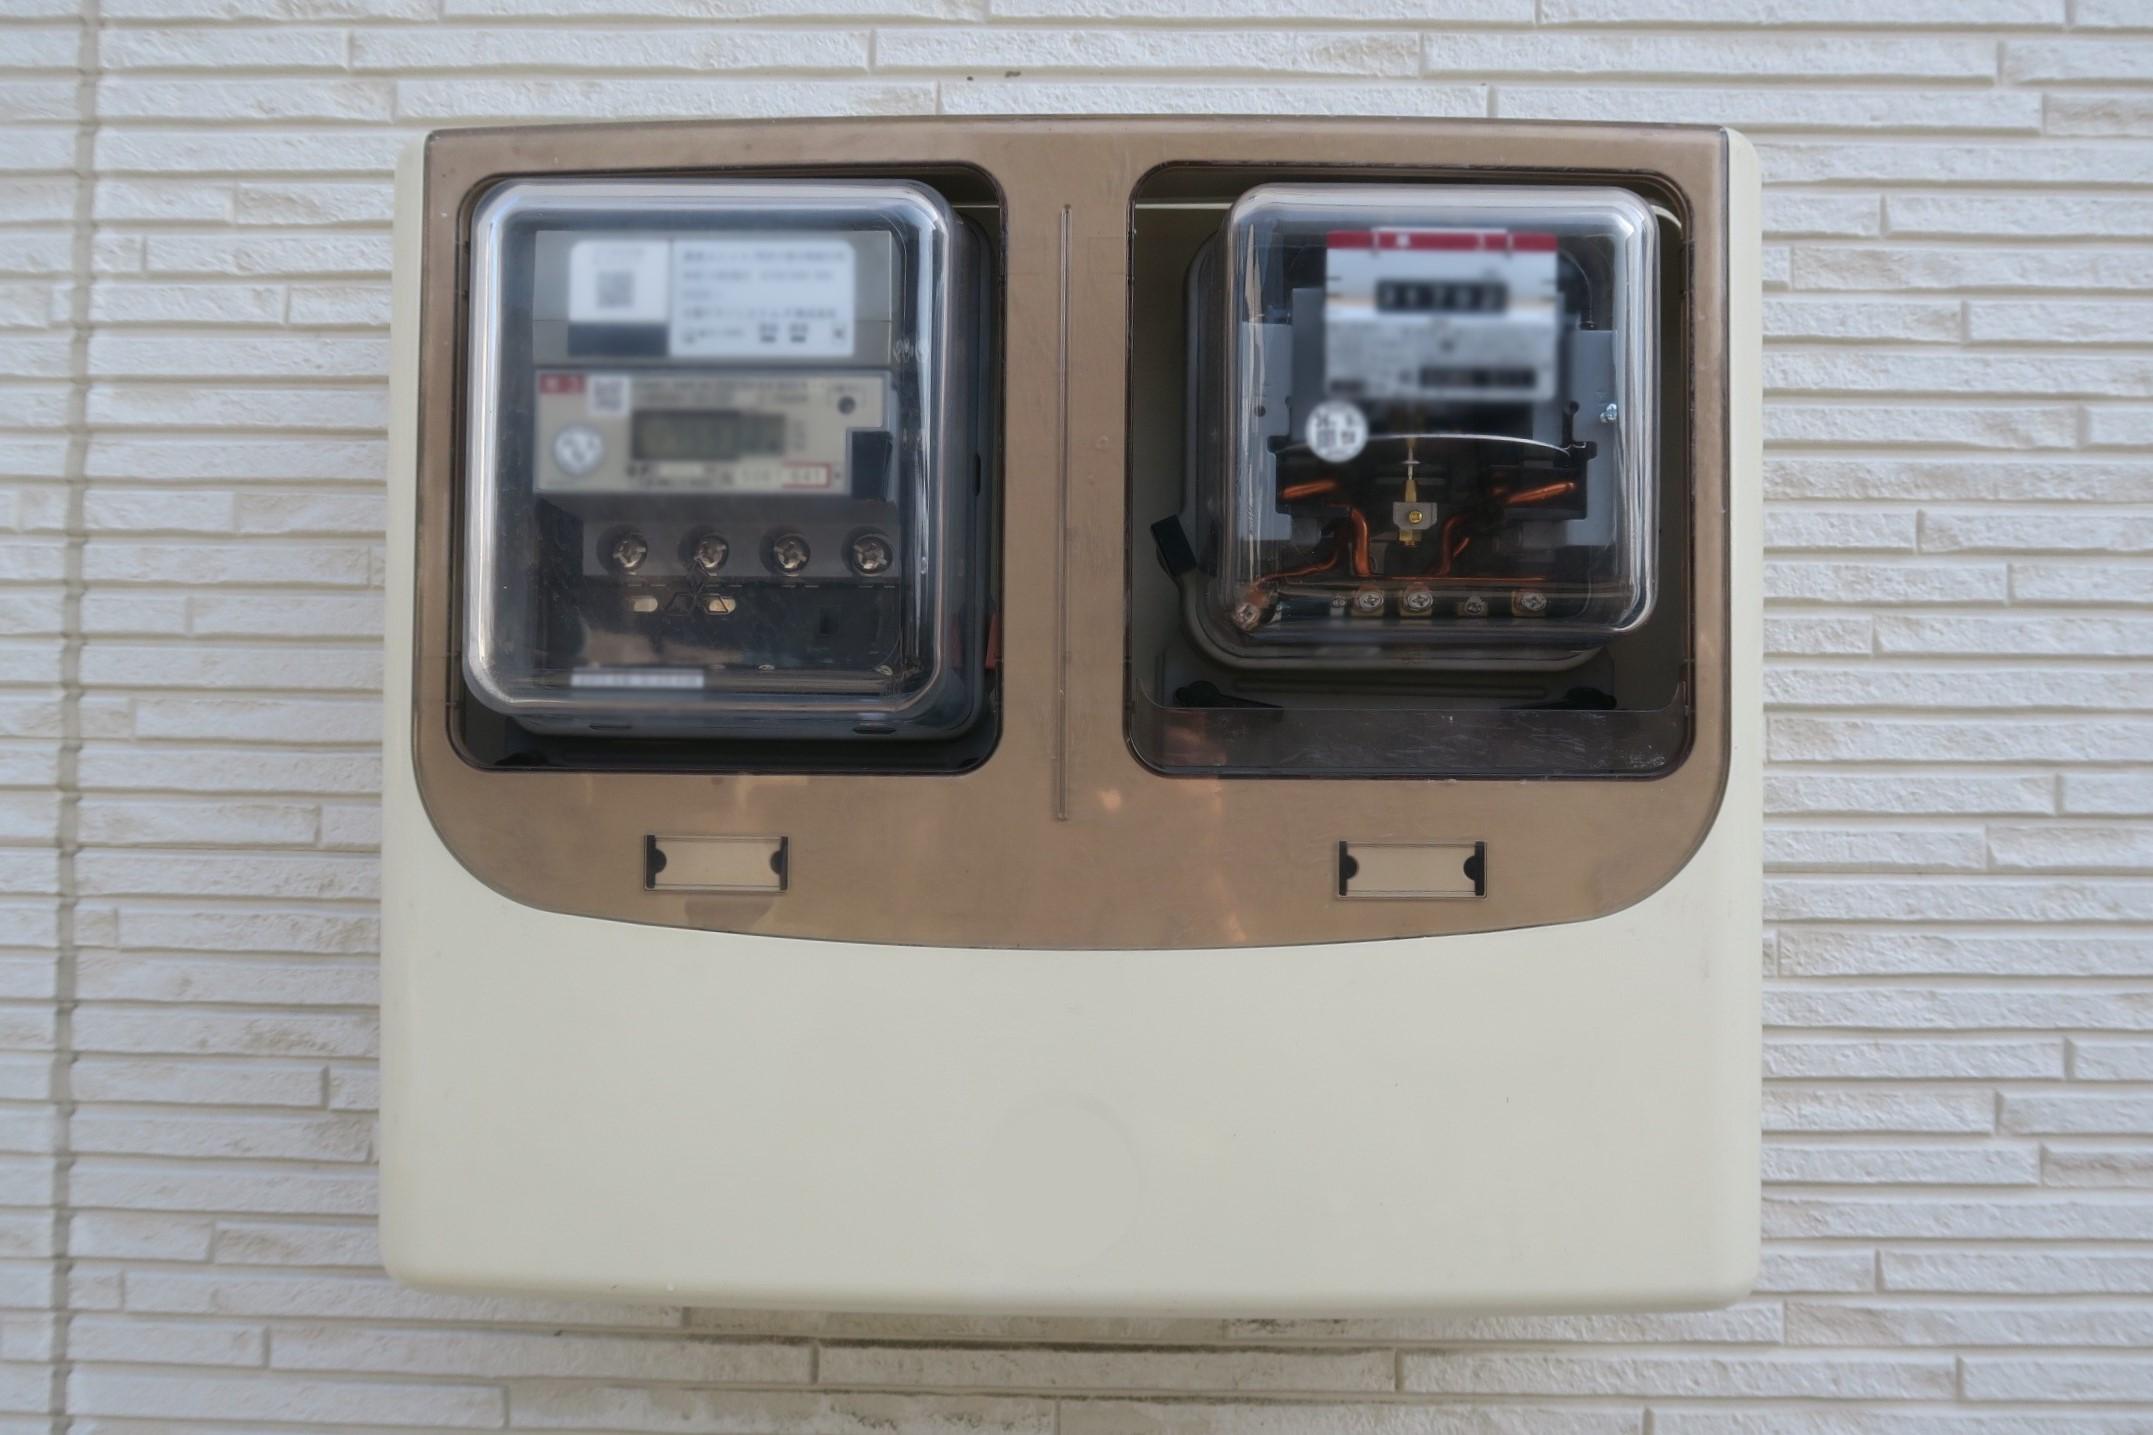 わが家の電気メーター